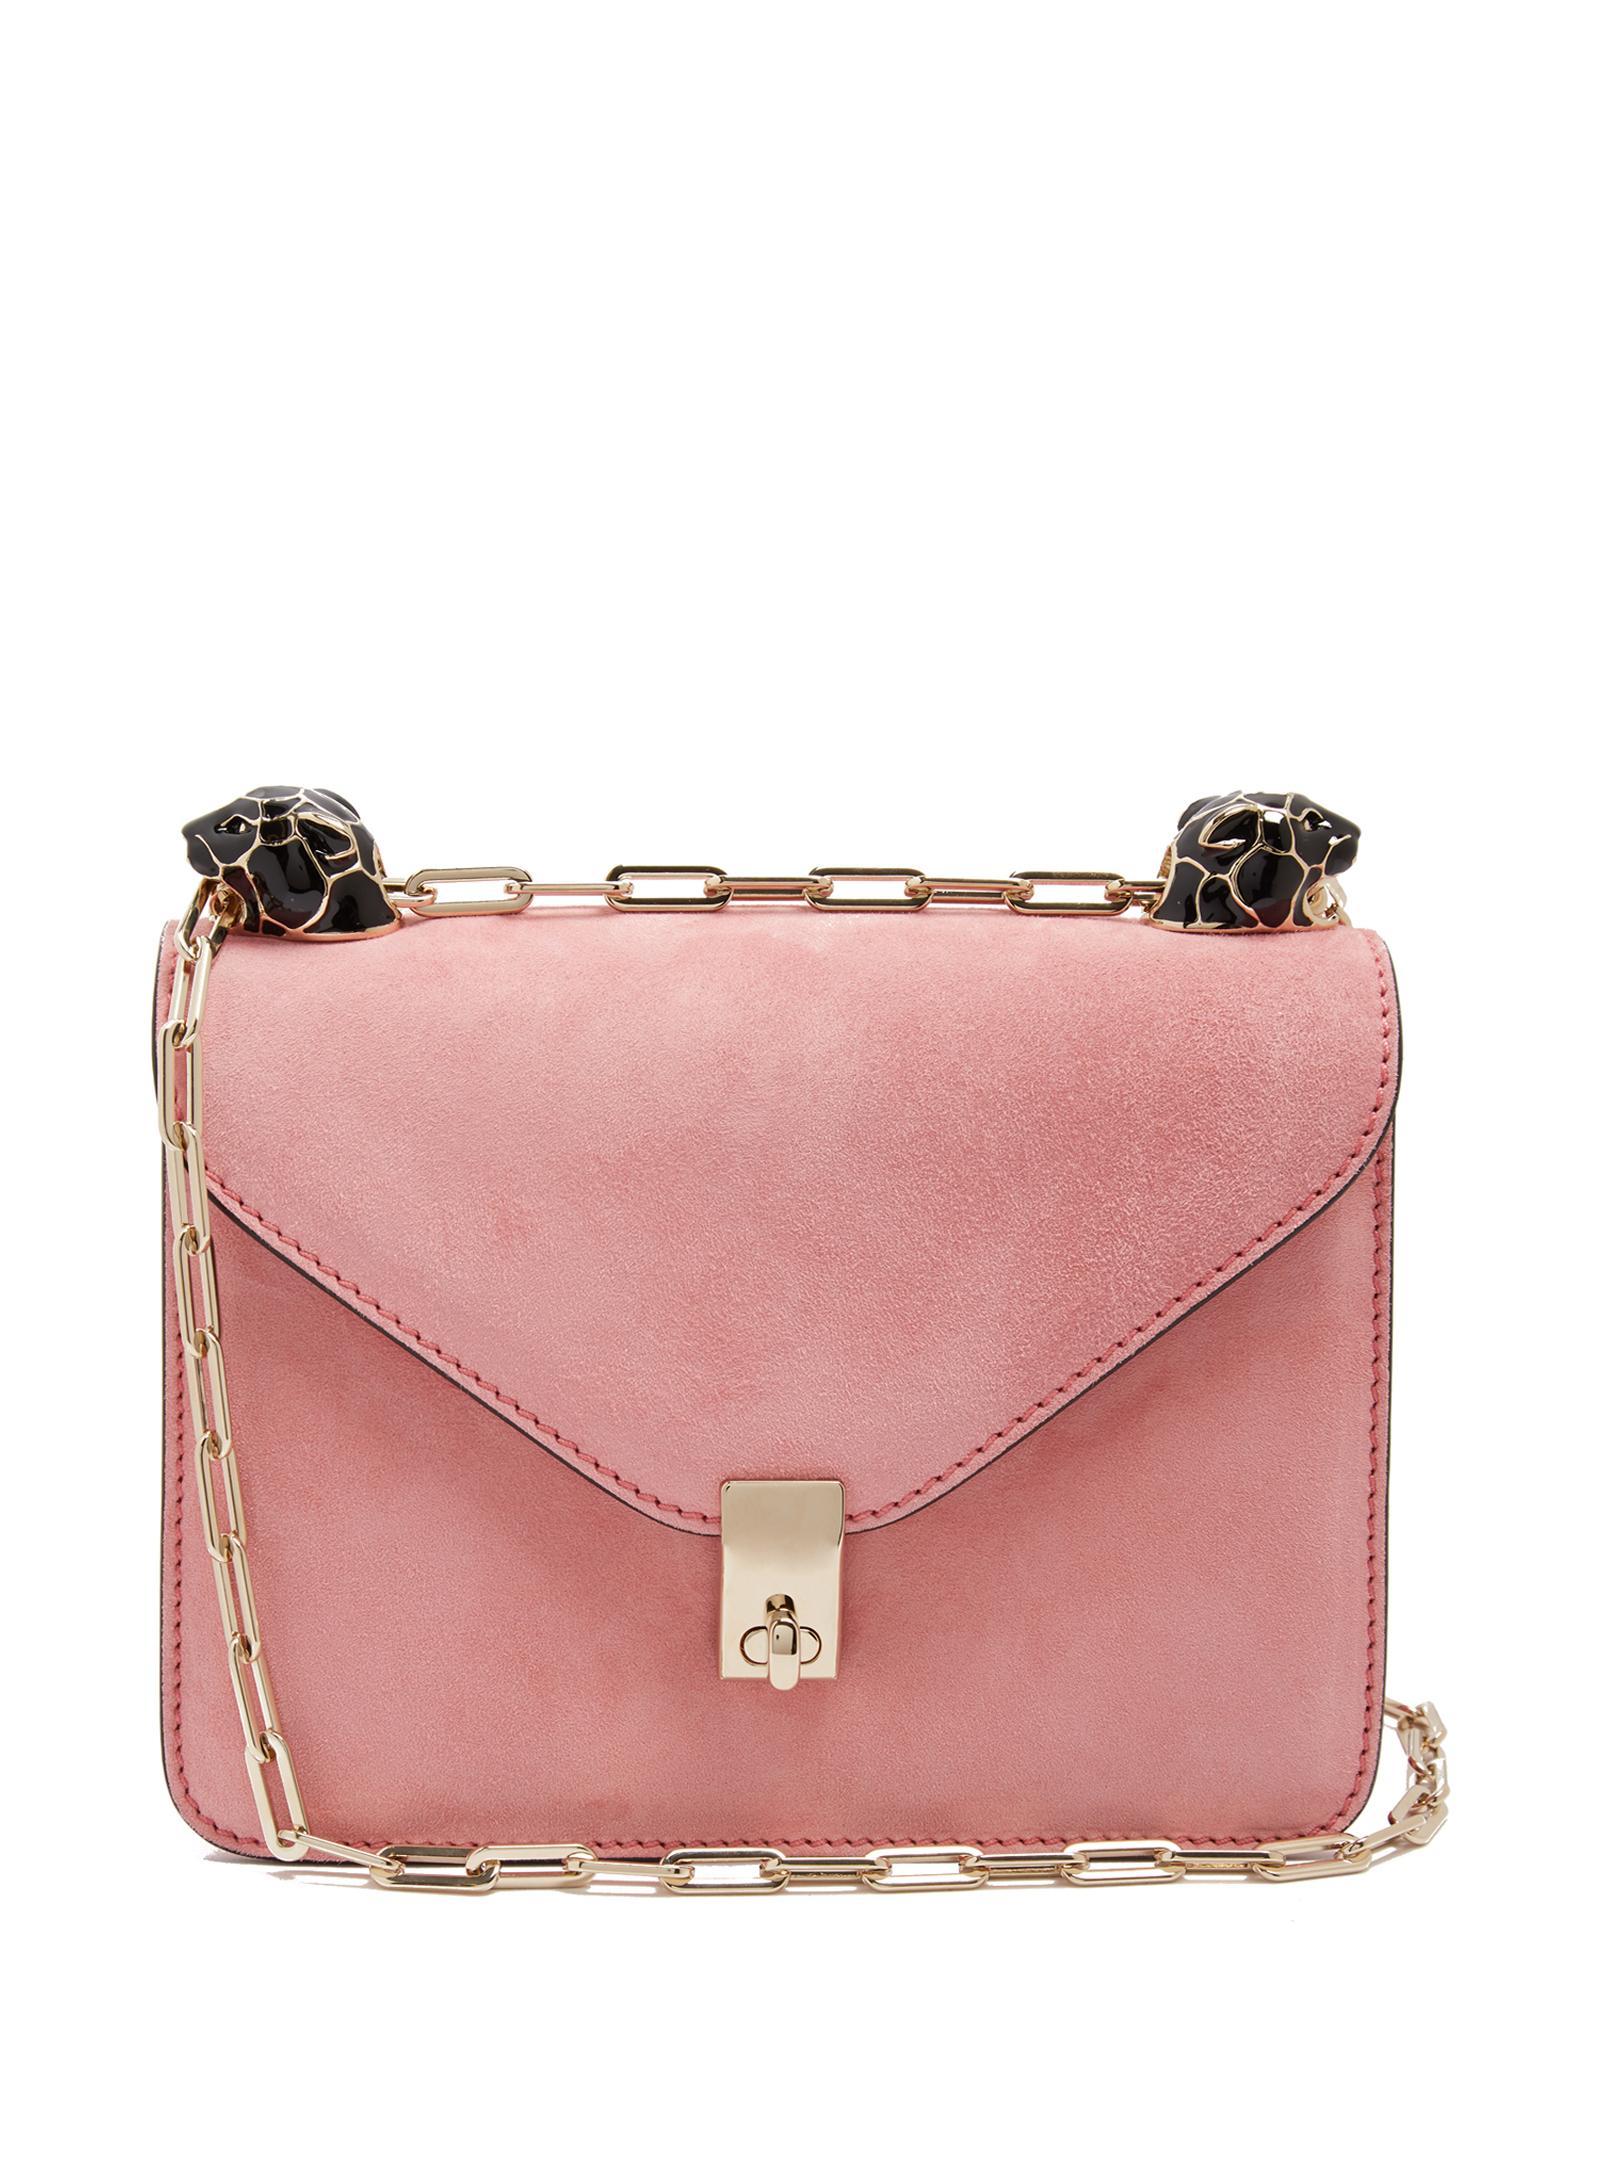 cd8e1f54f55 Valentino Panther-embellished Suede Shoulder Bag in Pink - Lyst